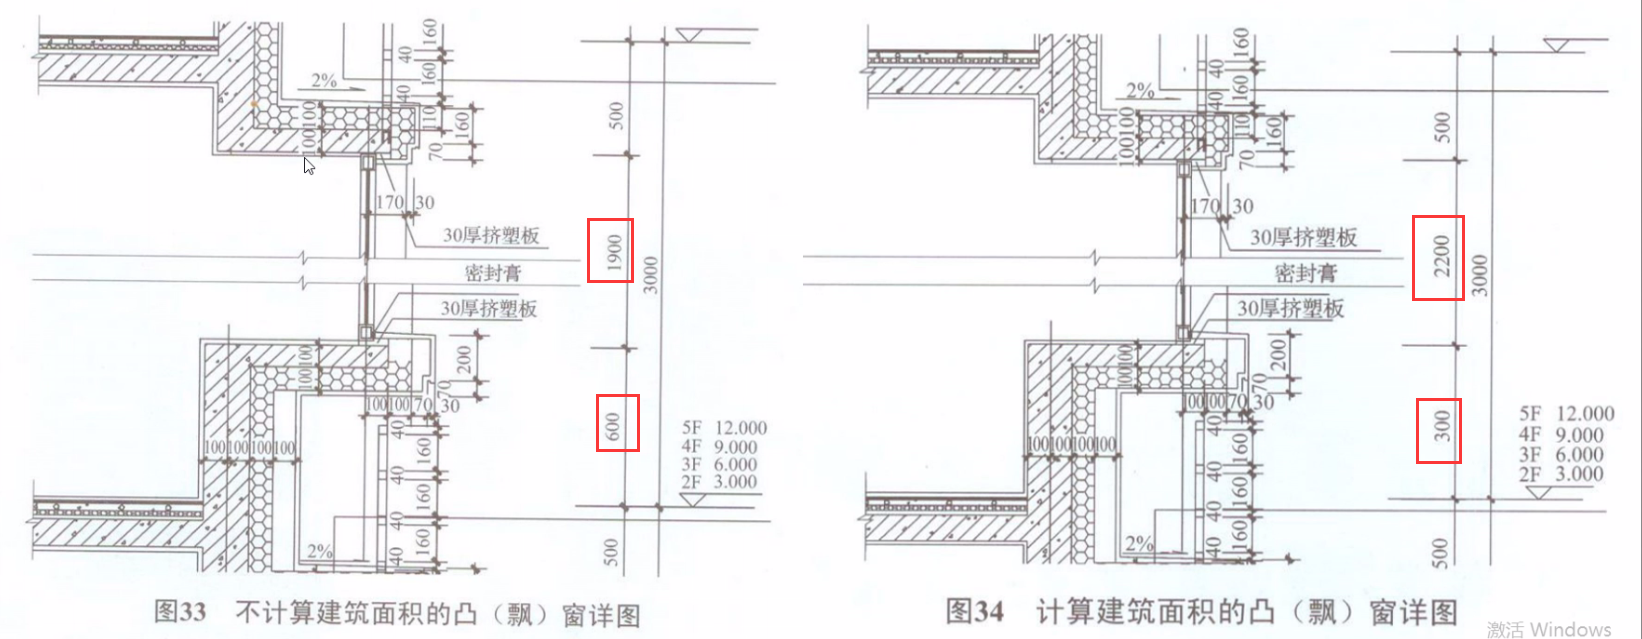 飘窗部位究竟应如何判断建筑面积?